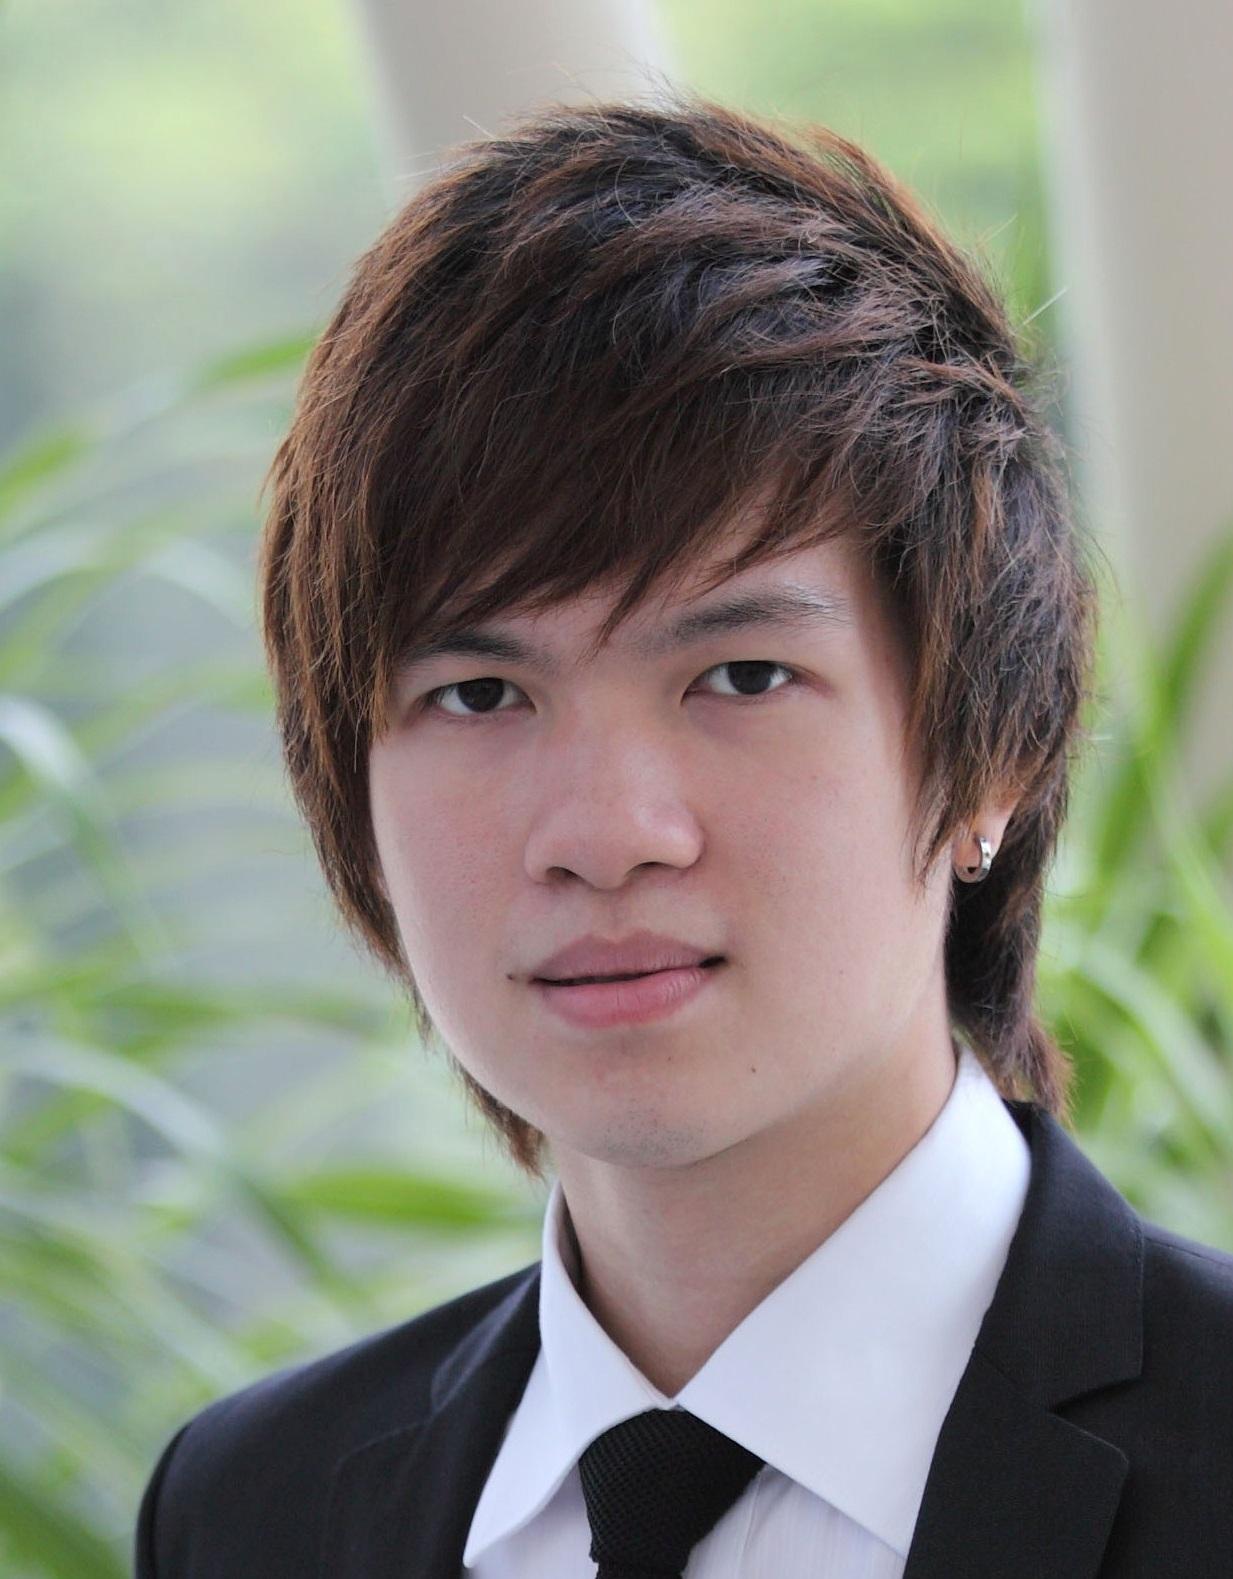 Yu Qian Ang